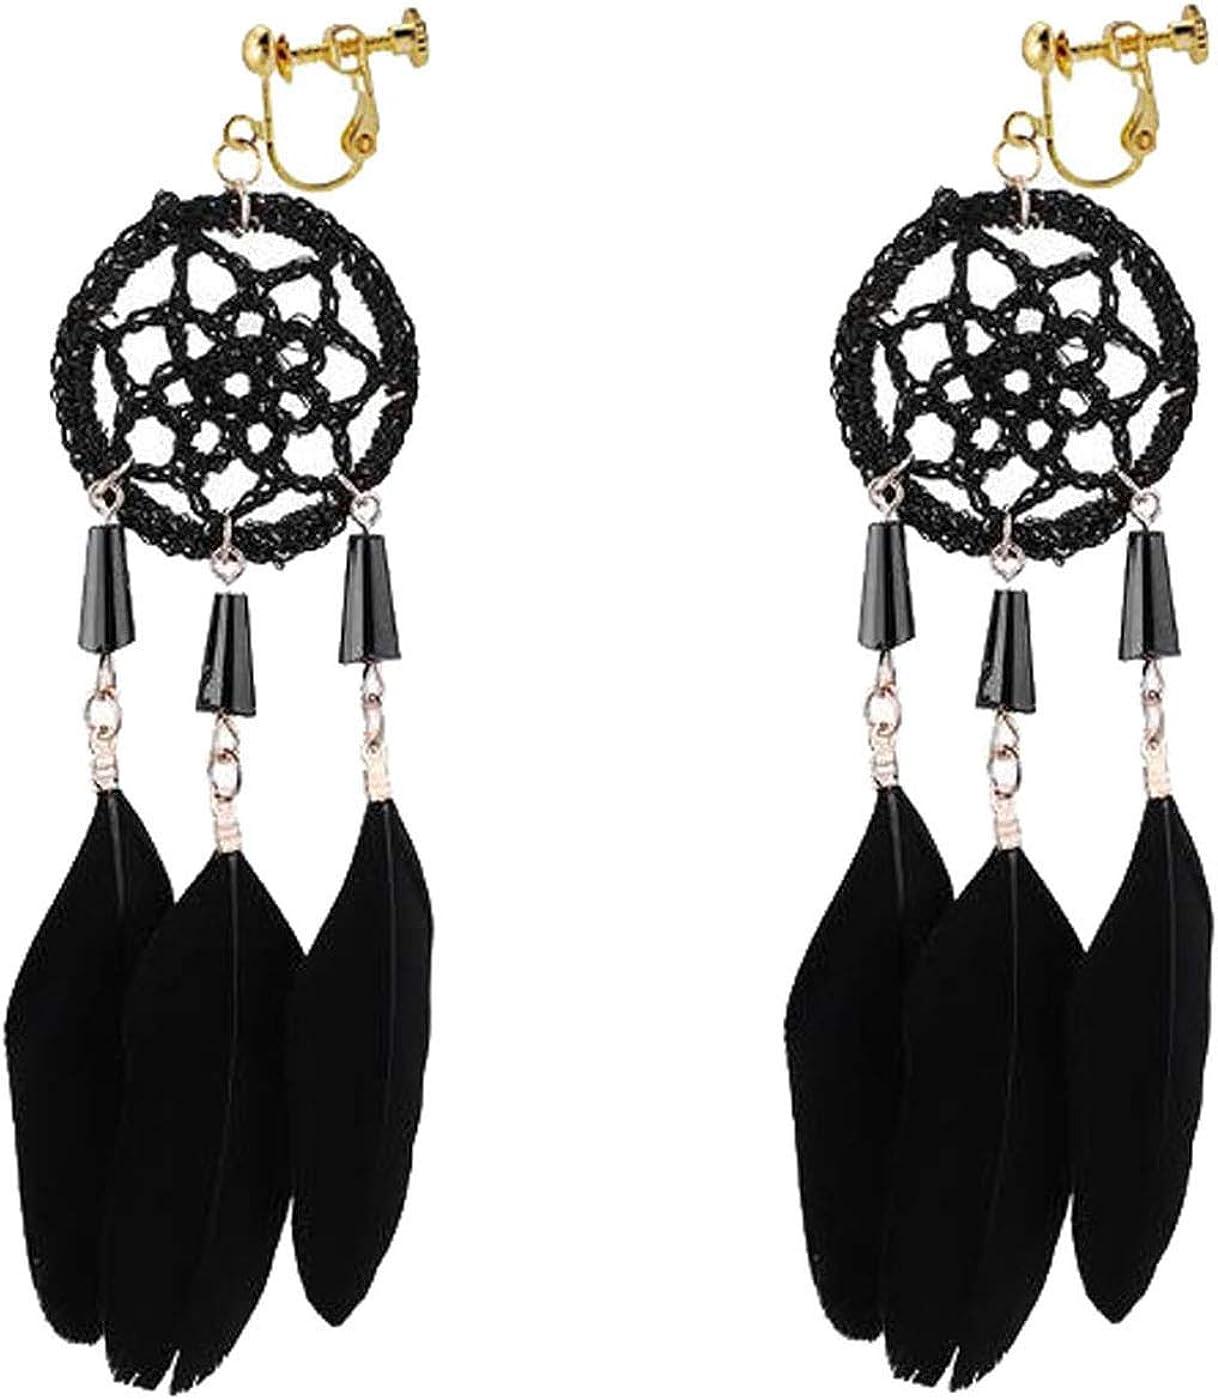 Retro Clip on Earrings Bohemian Earrings for Women Girls Dream Cather Dangle Drop Long Feather Tassel Vintage Statement